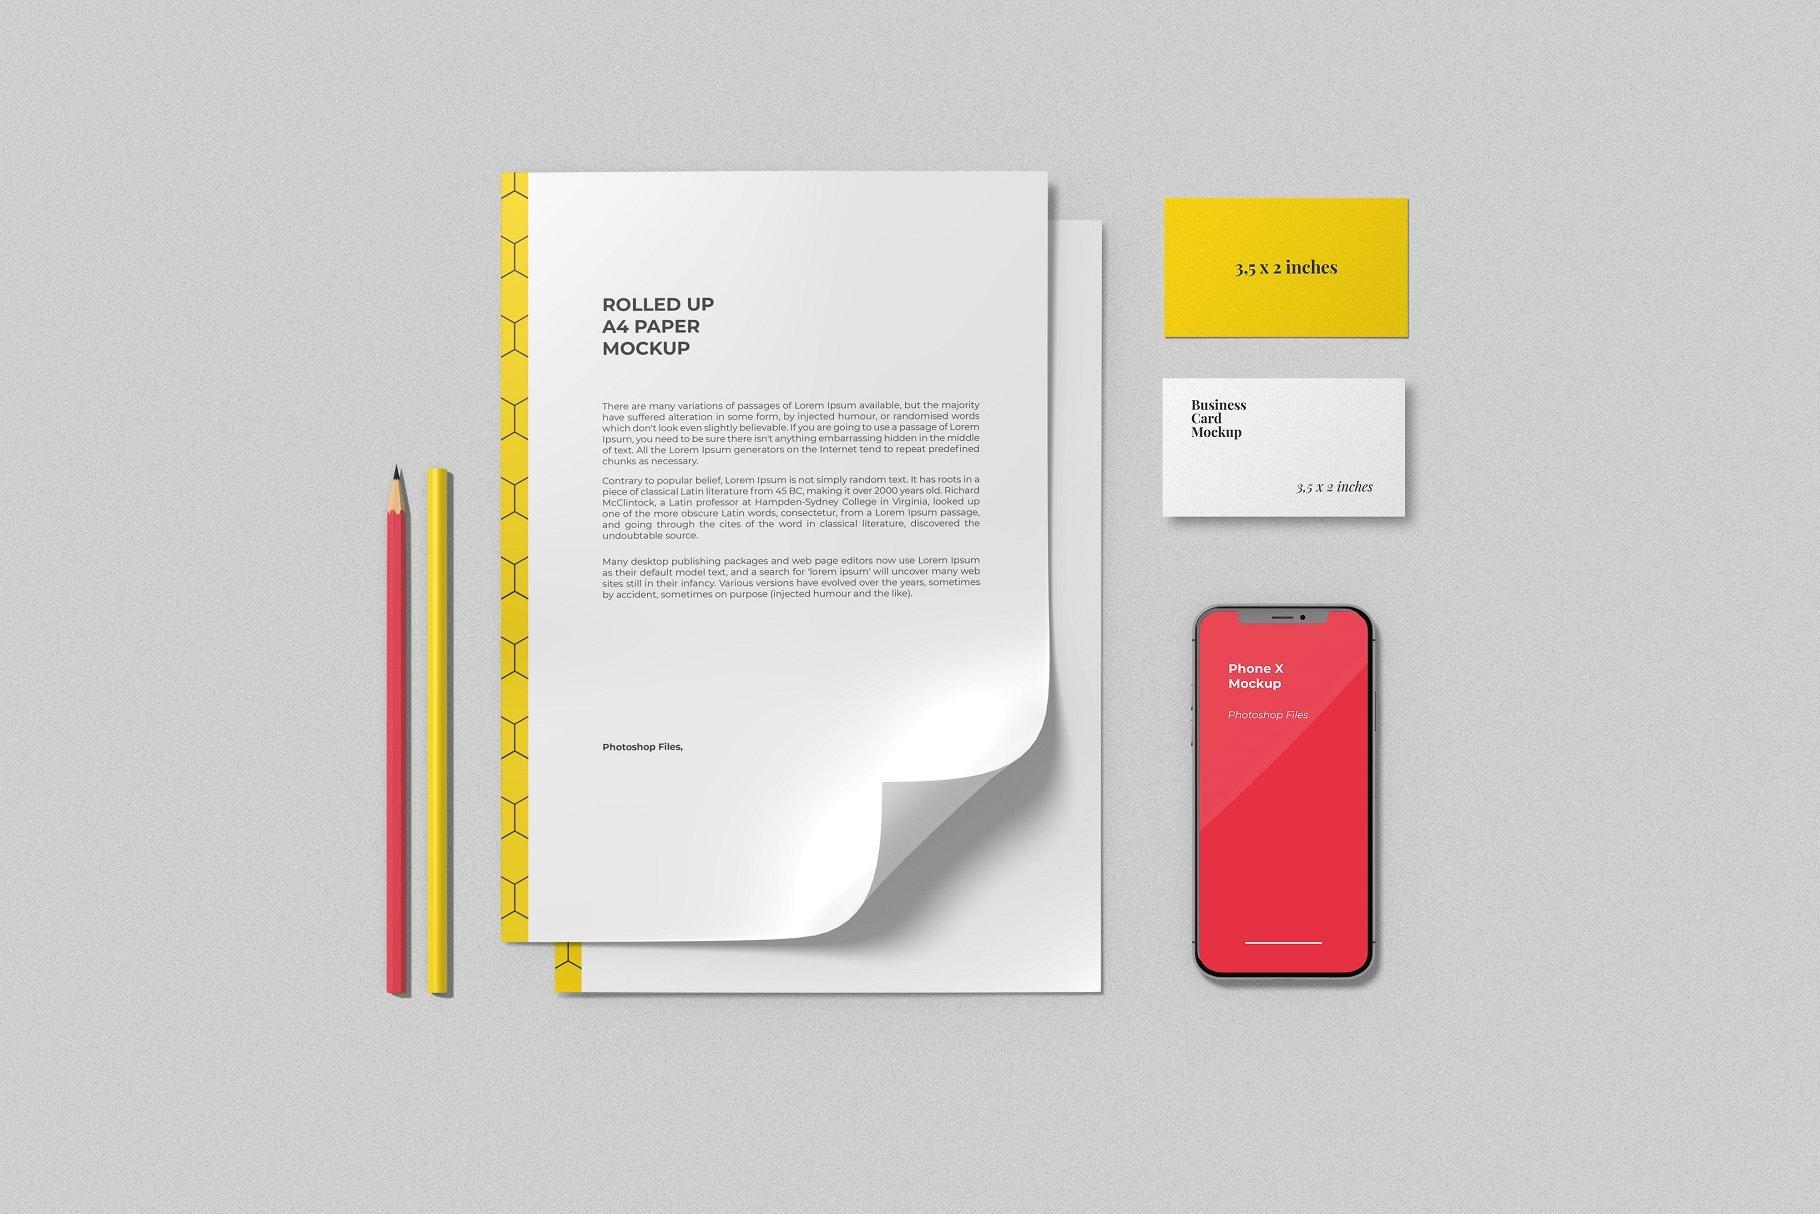 12个时尚简约品牌Logo设计办公用品展示贴图样机模板套装 Branding Mockup Scene Creator插图4